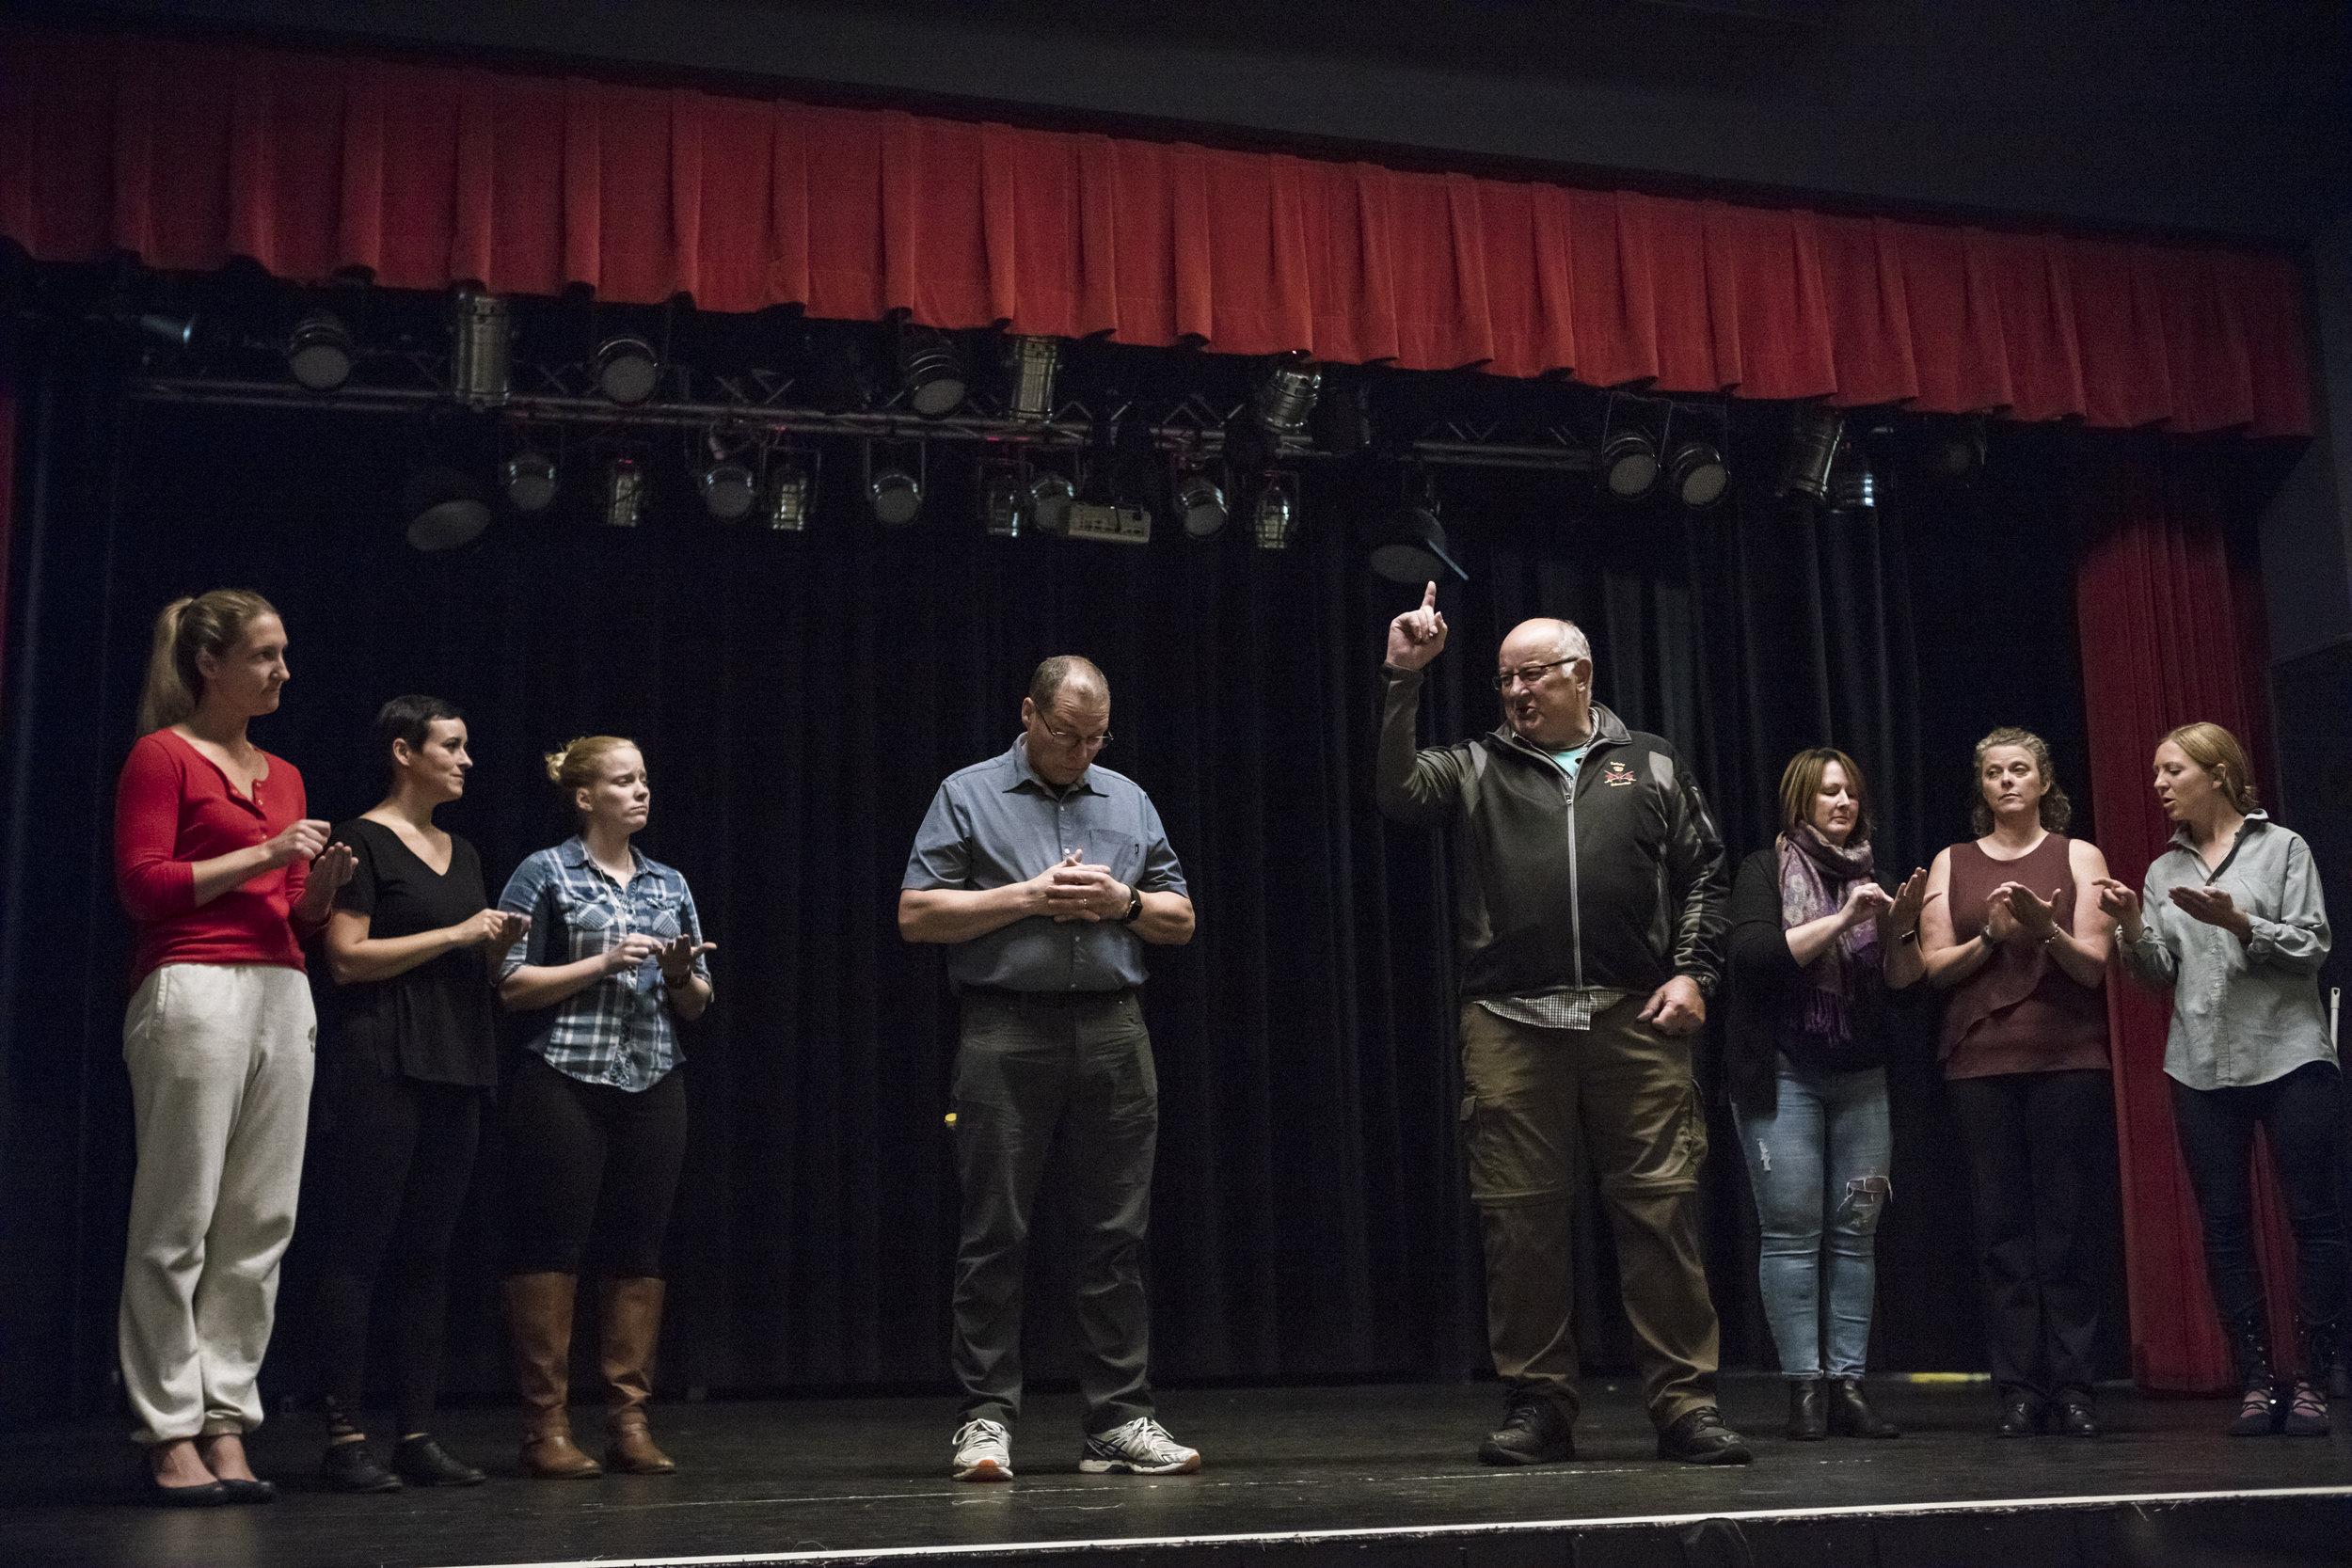 Mary Poppins - Streetlight Theatre Company - Rehearsal Shoot #2 - 23 Sep '18 - 090.JPG